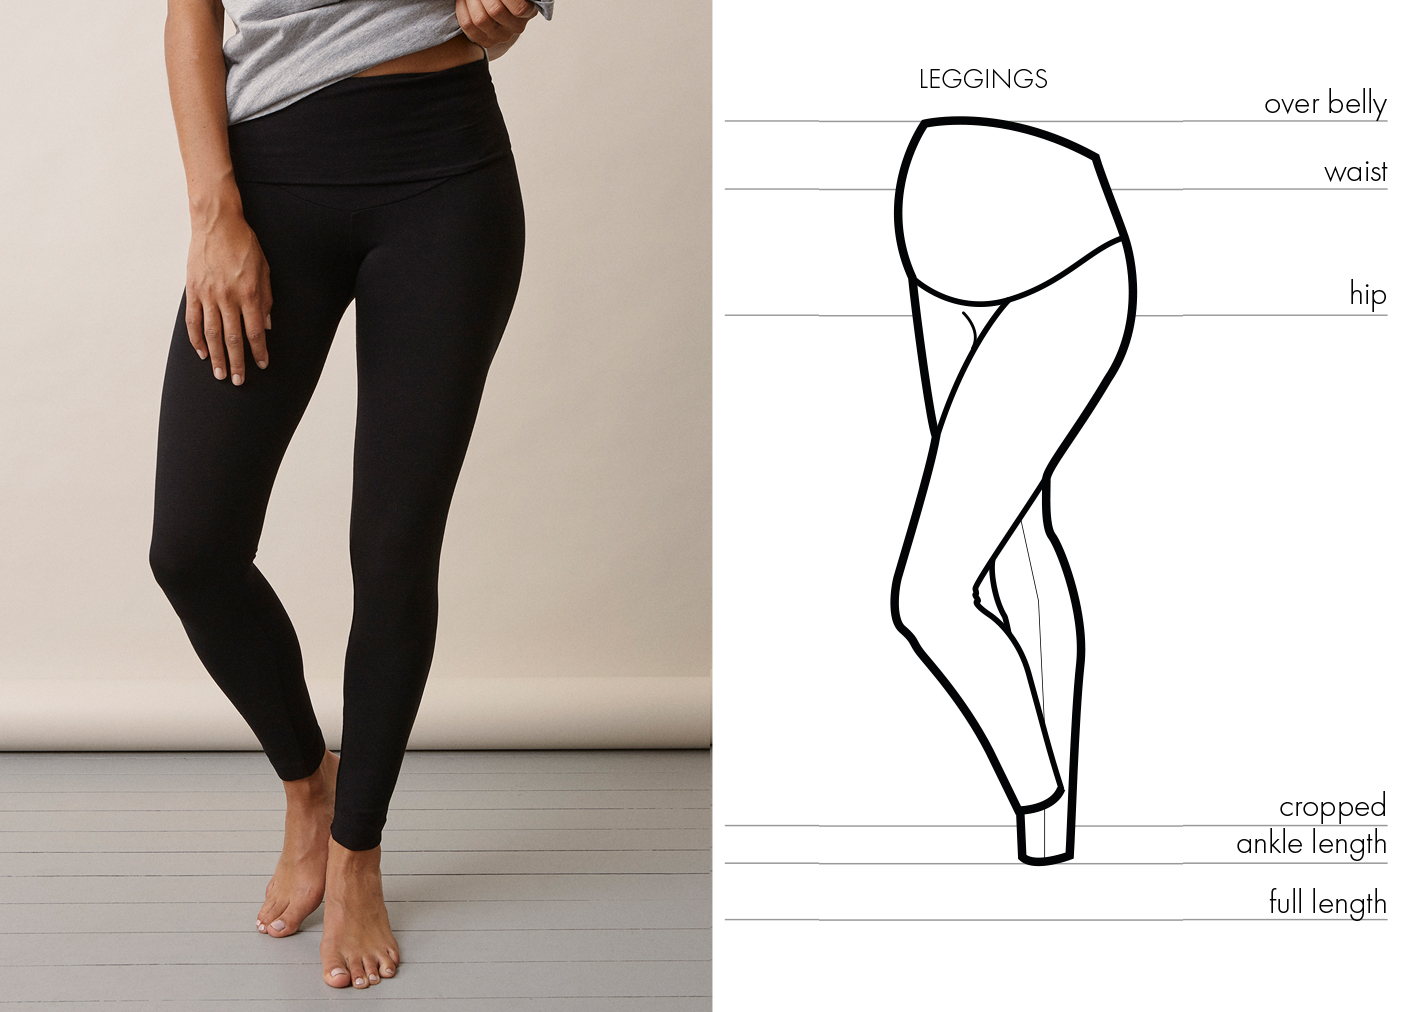 5-Leggingss.jpg